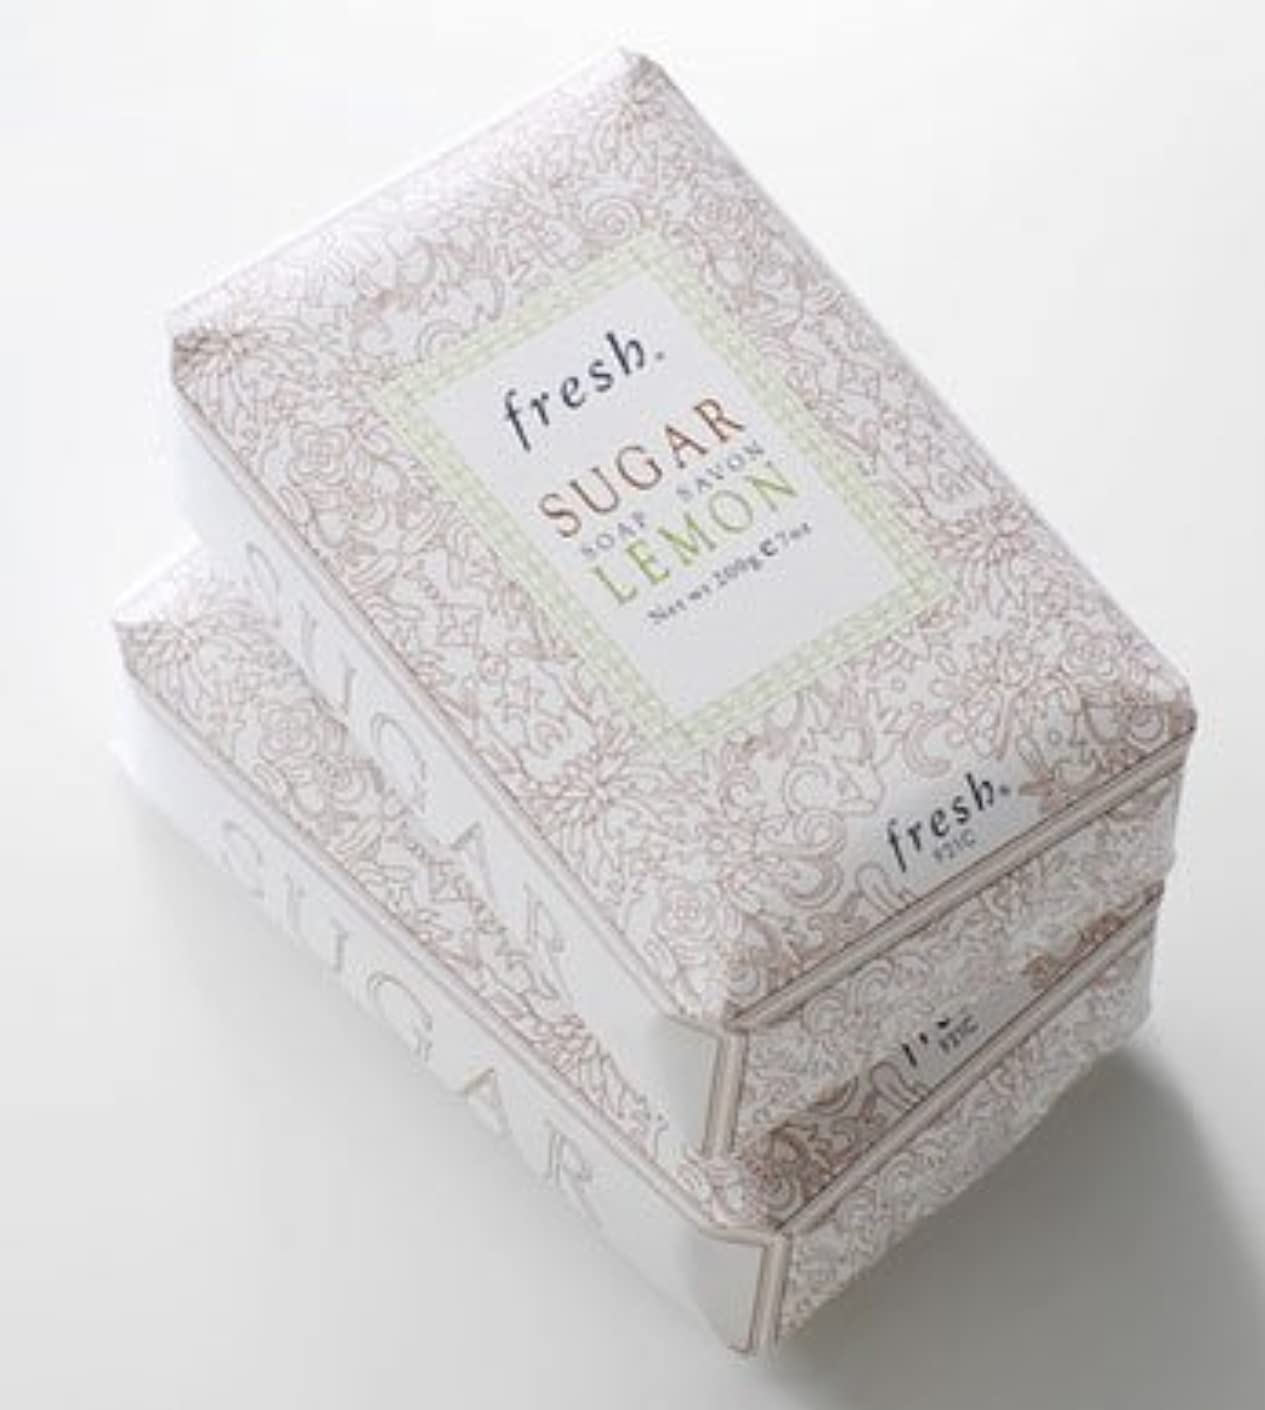 机クローン周波数Fresh SUGAR LEMON SOAP(フレッシュ シュガーレモン ソープ) 7.0 oz (210g) by Fresh for Women